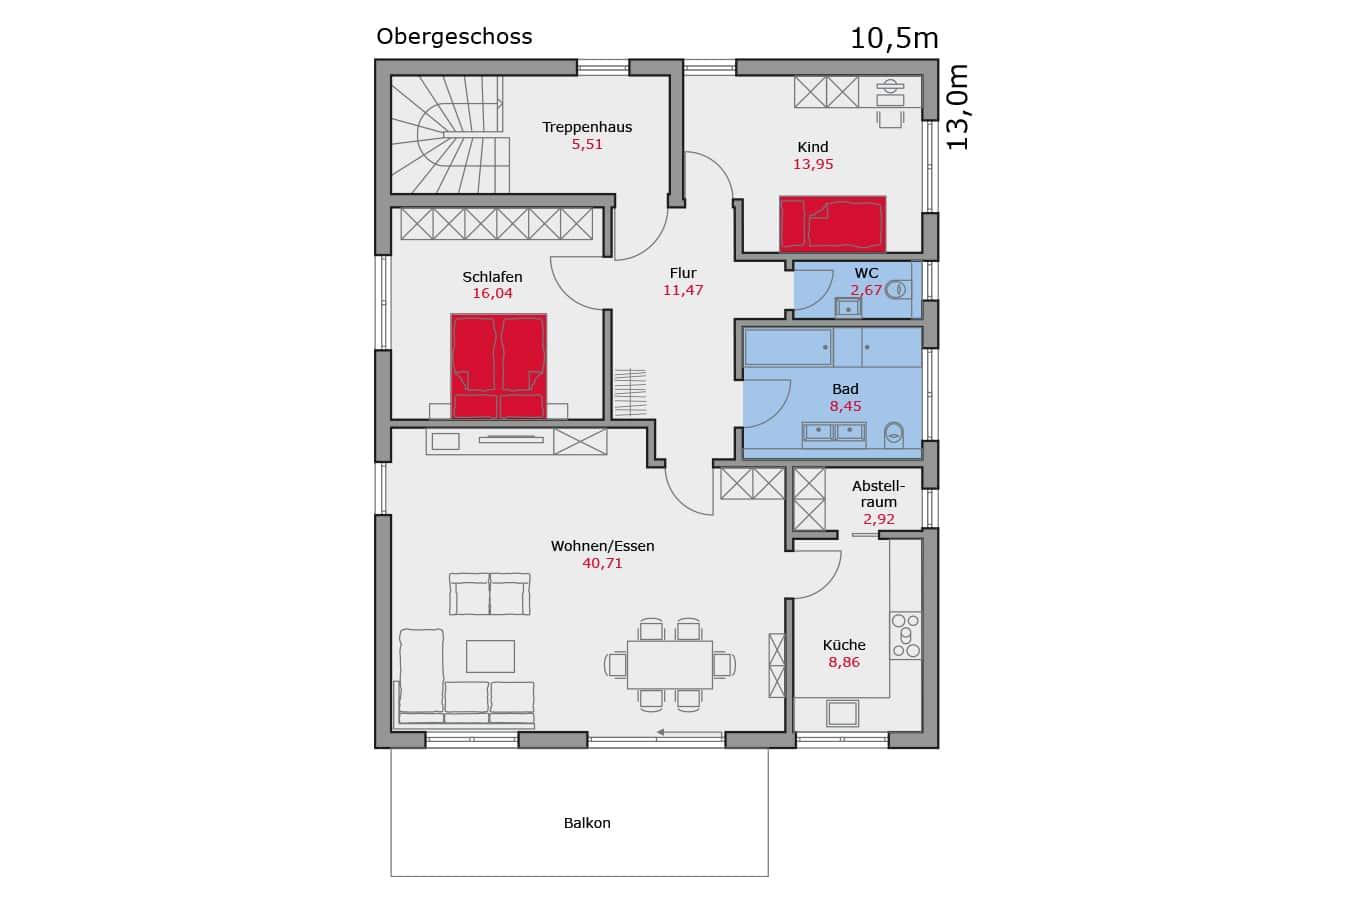 Haus133_Grundriss_Obergeschoss_Zweifamilienhaus